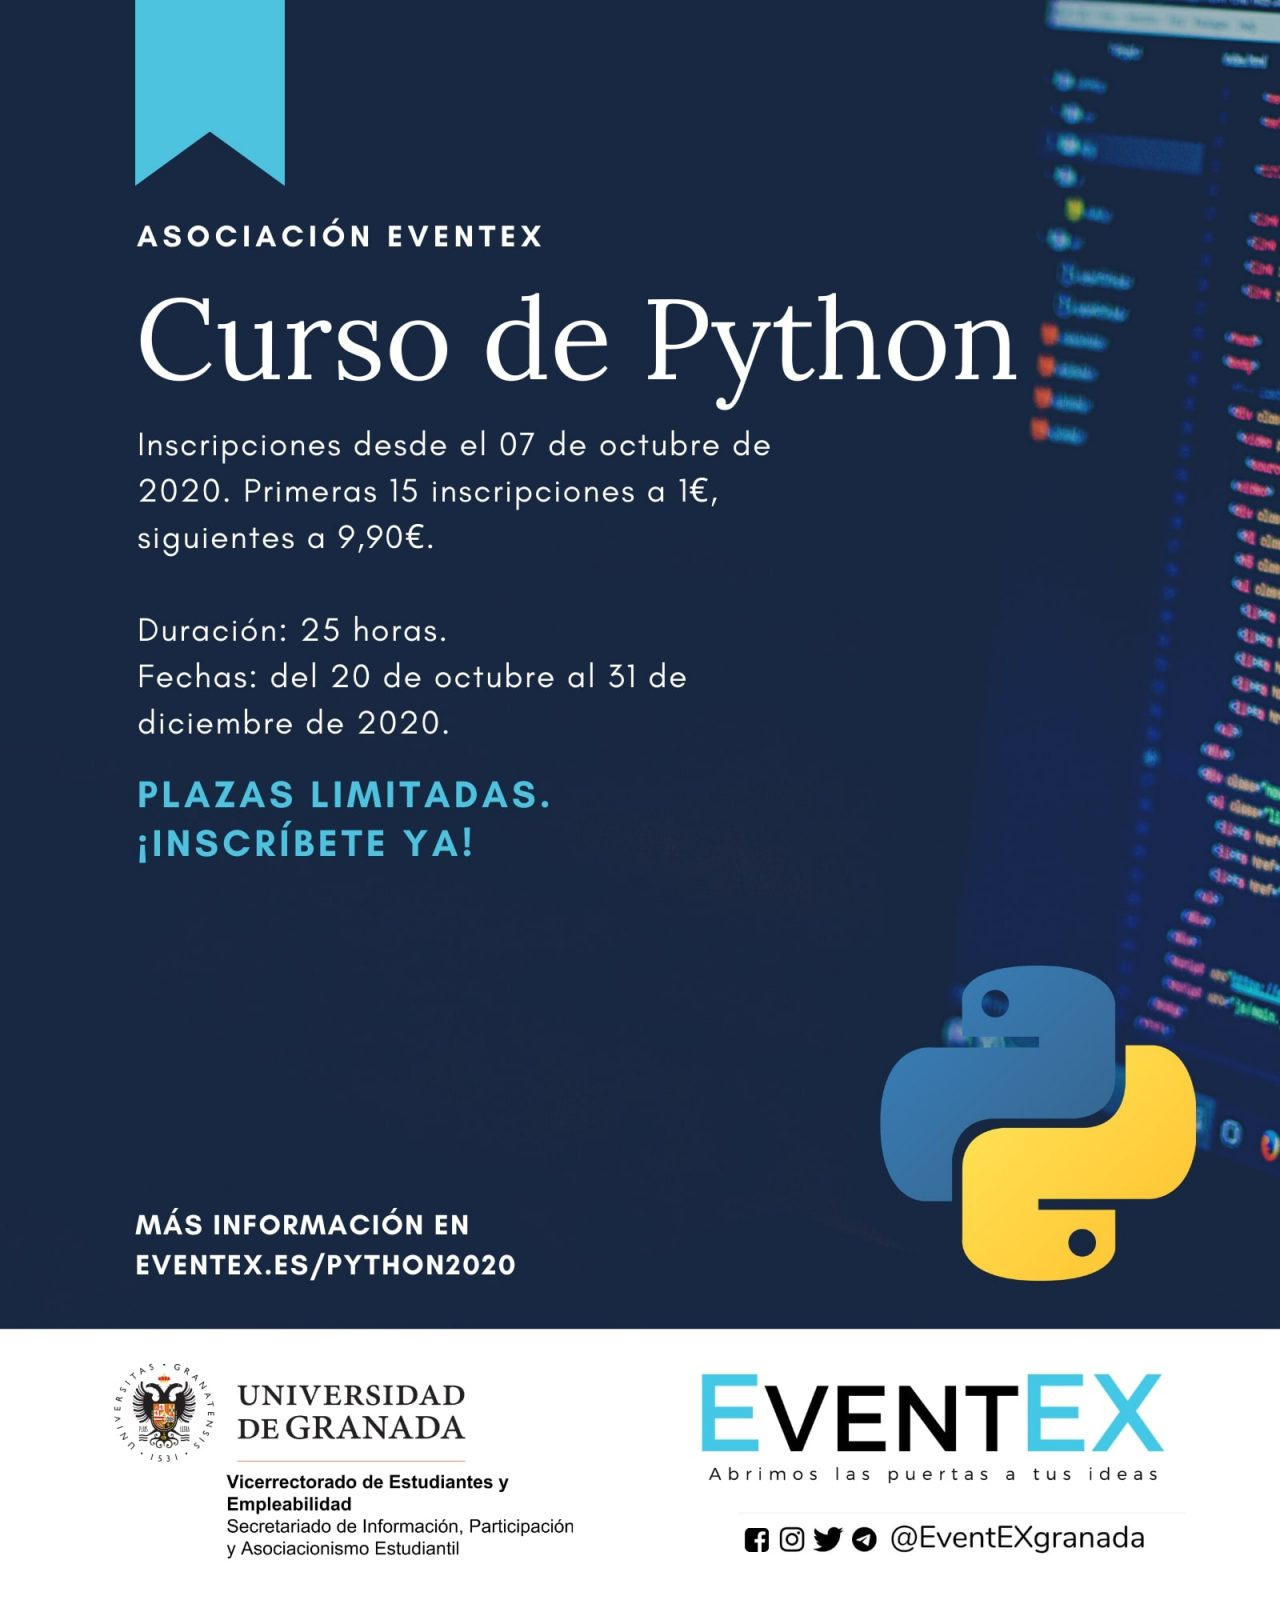 Curso de Python - Asociación EventEX